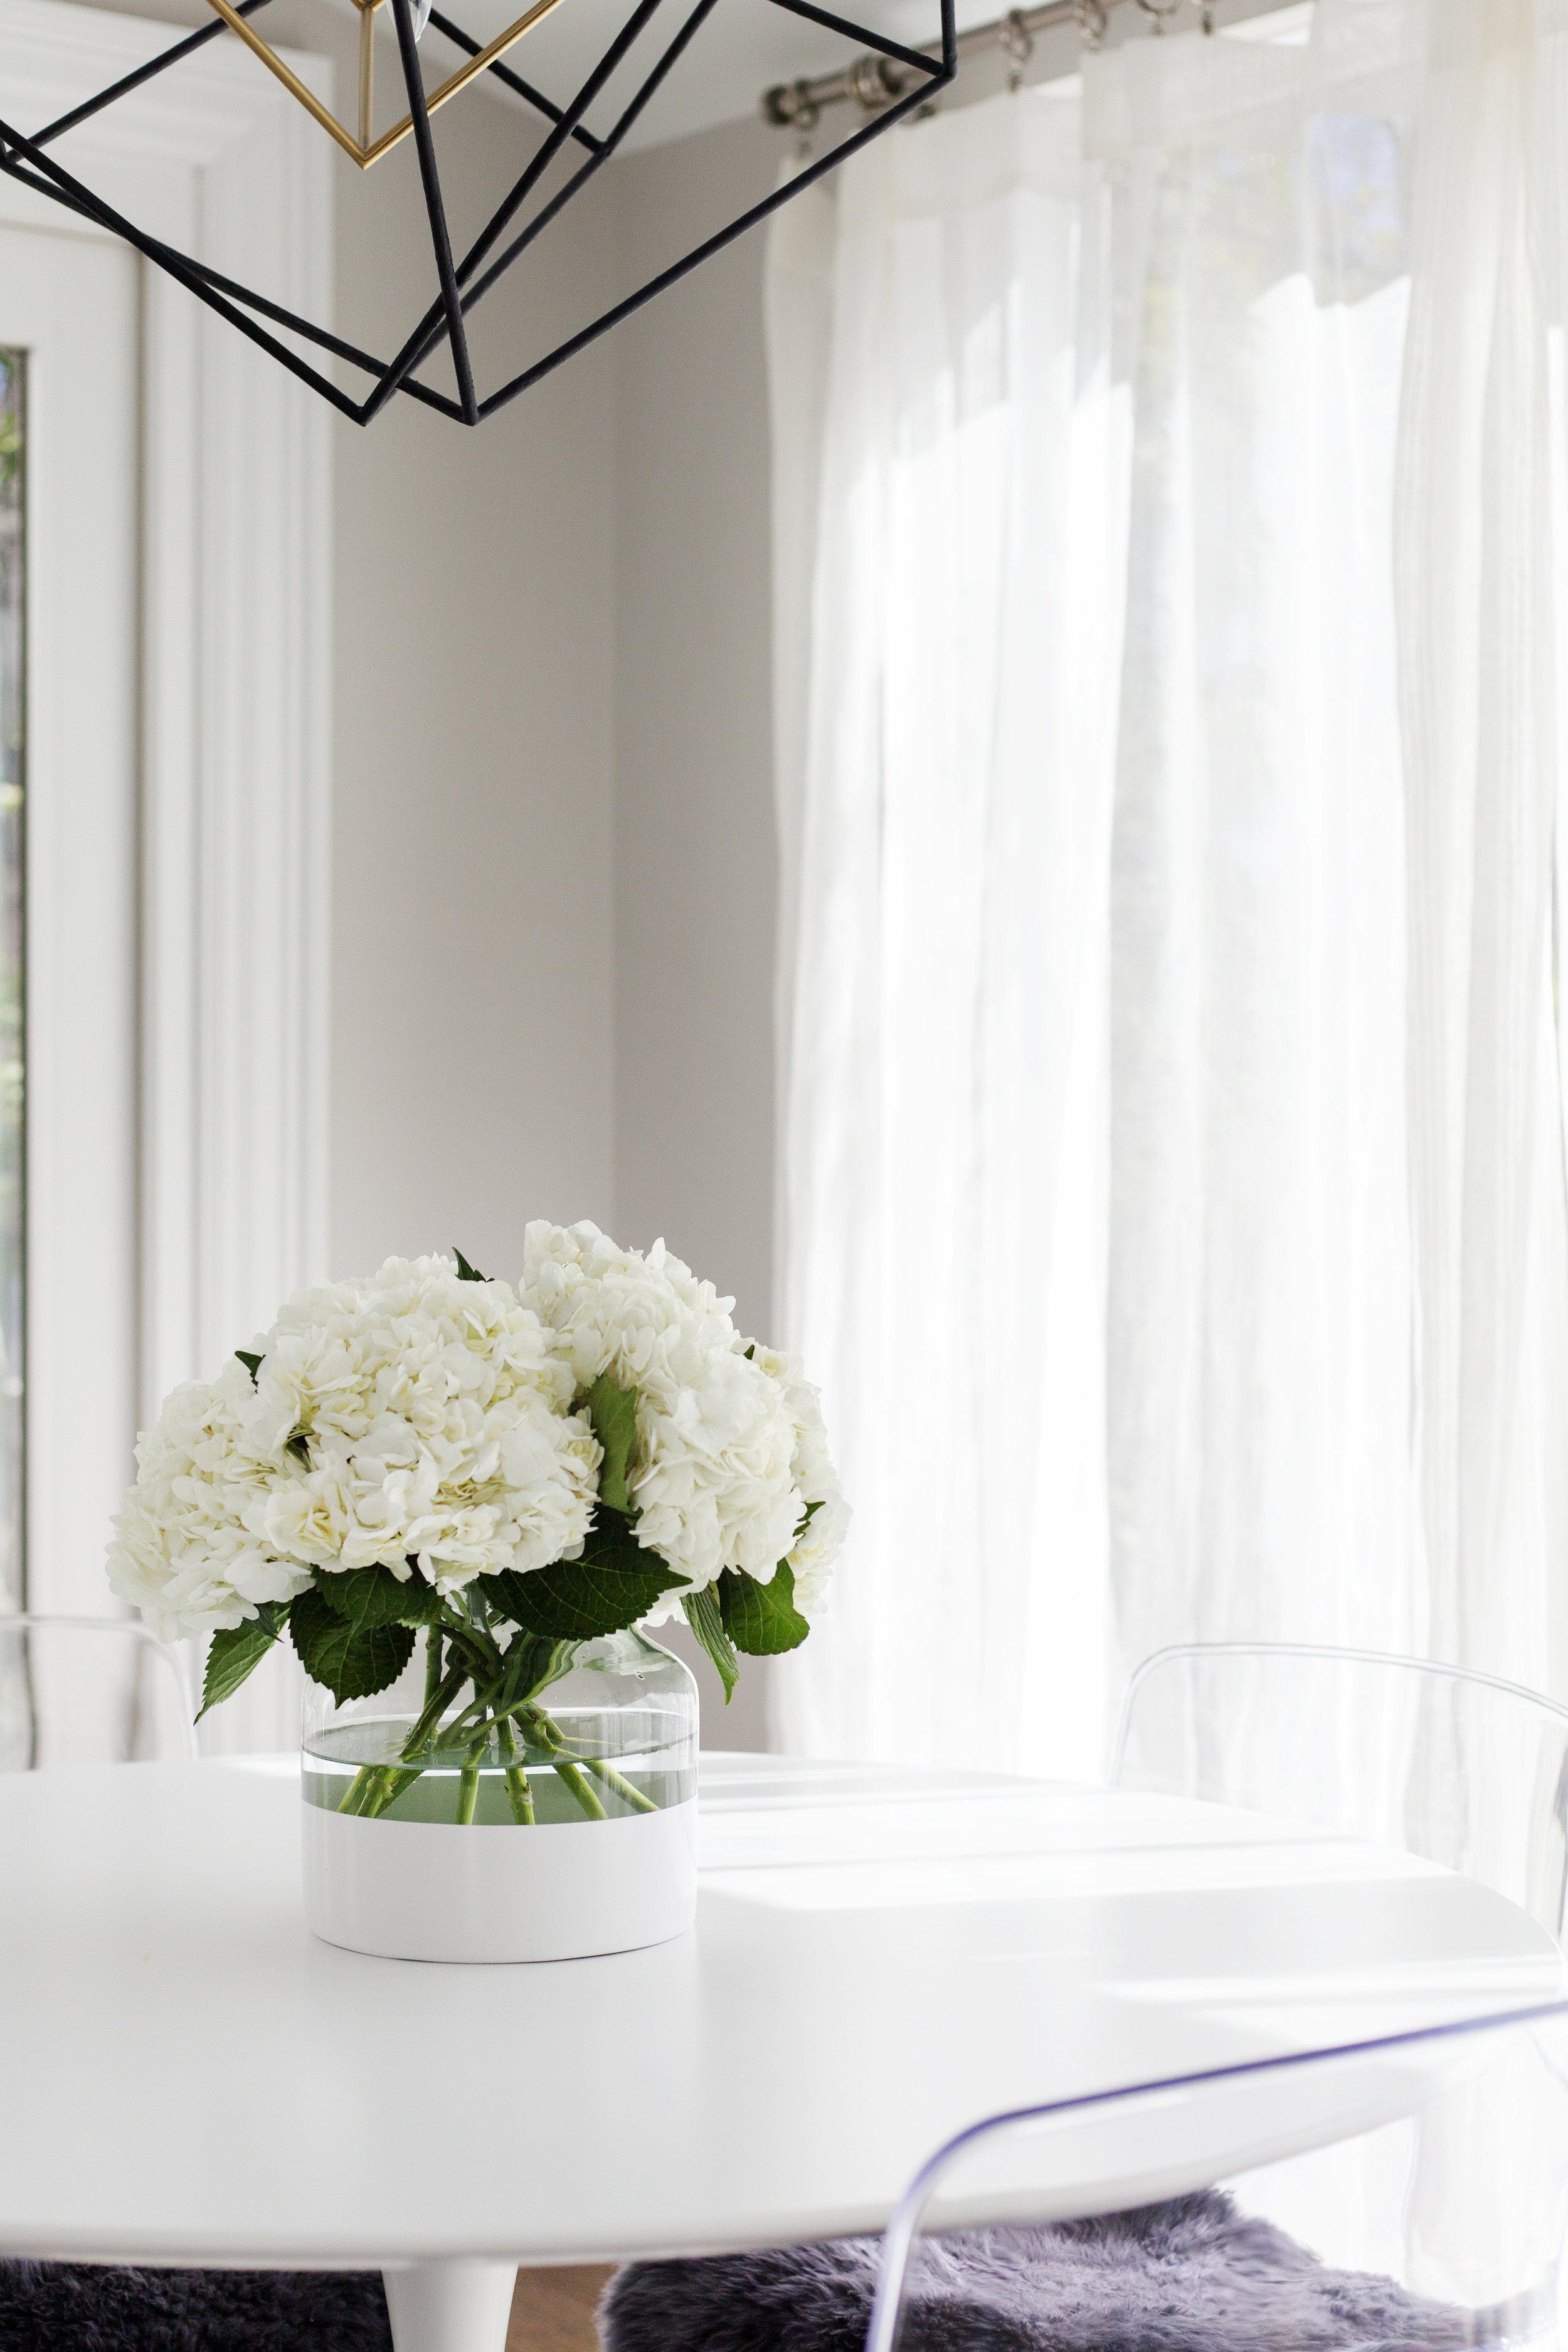 SHOP THE LOOK:   Color Block Vase